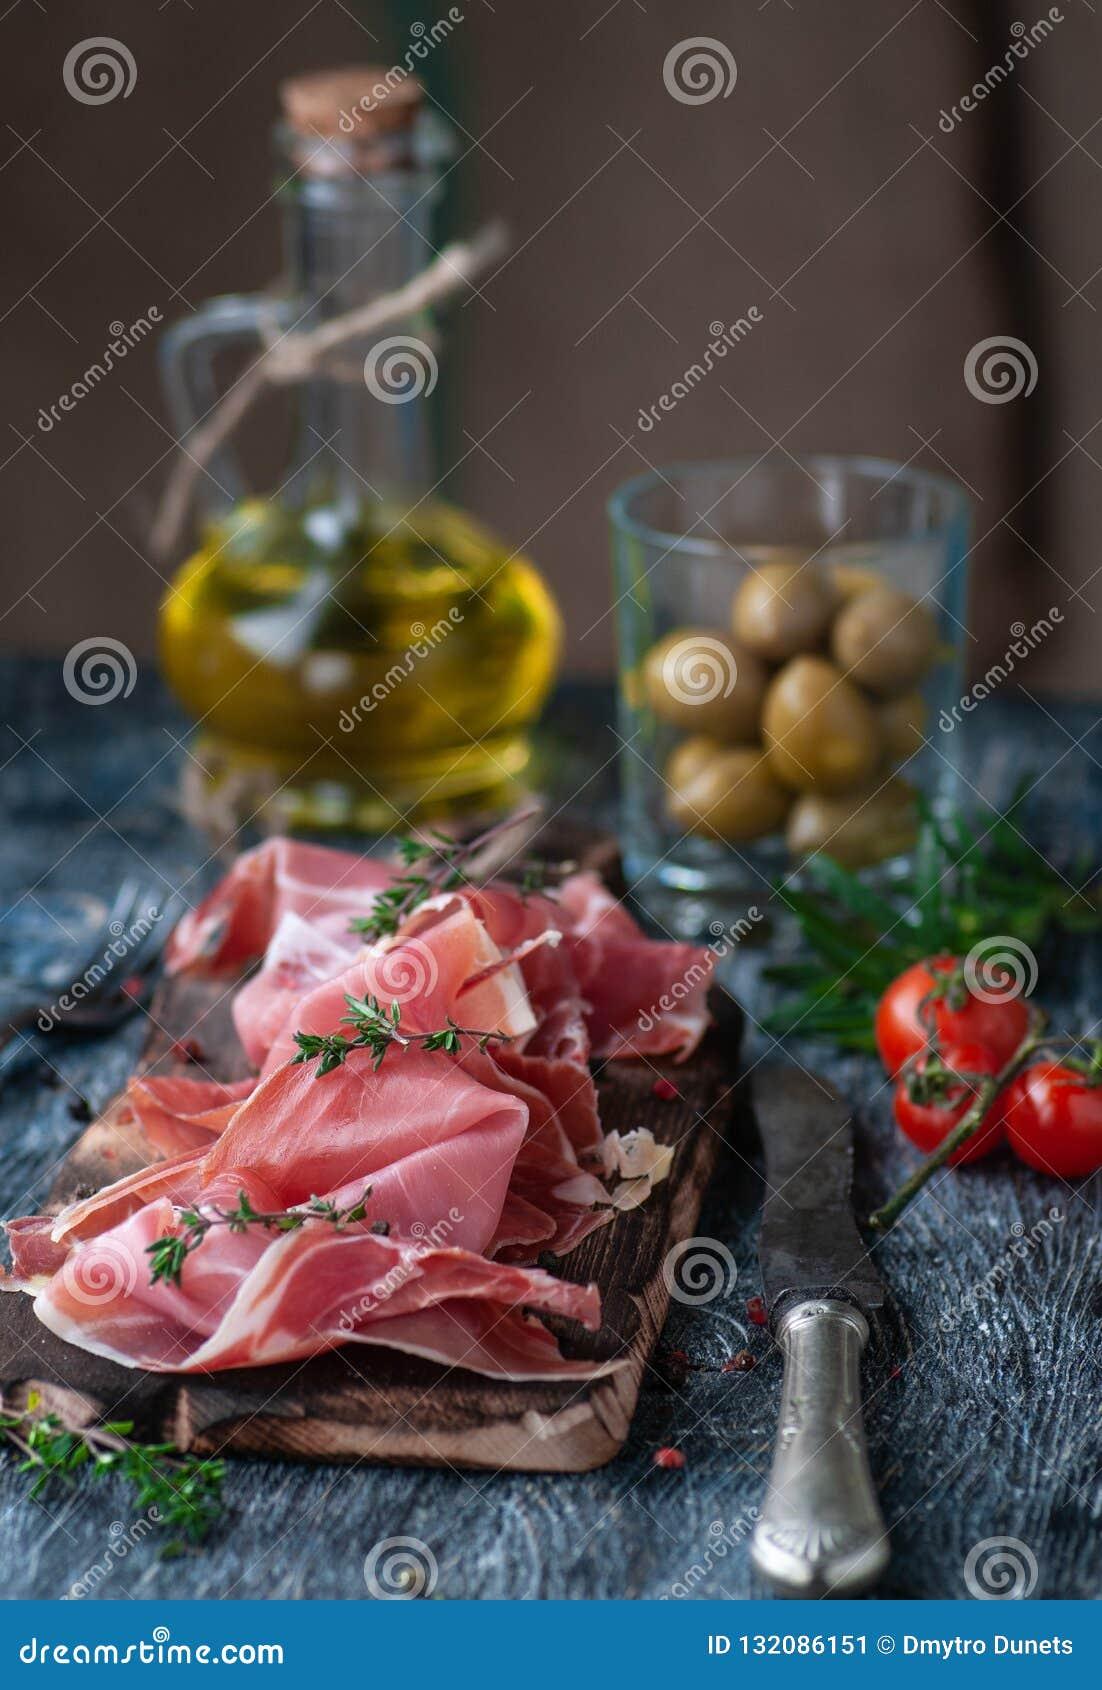 Ainda vida com proshutto descrito em vários ângulos com a adição de ingredientes